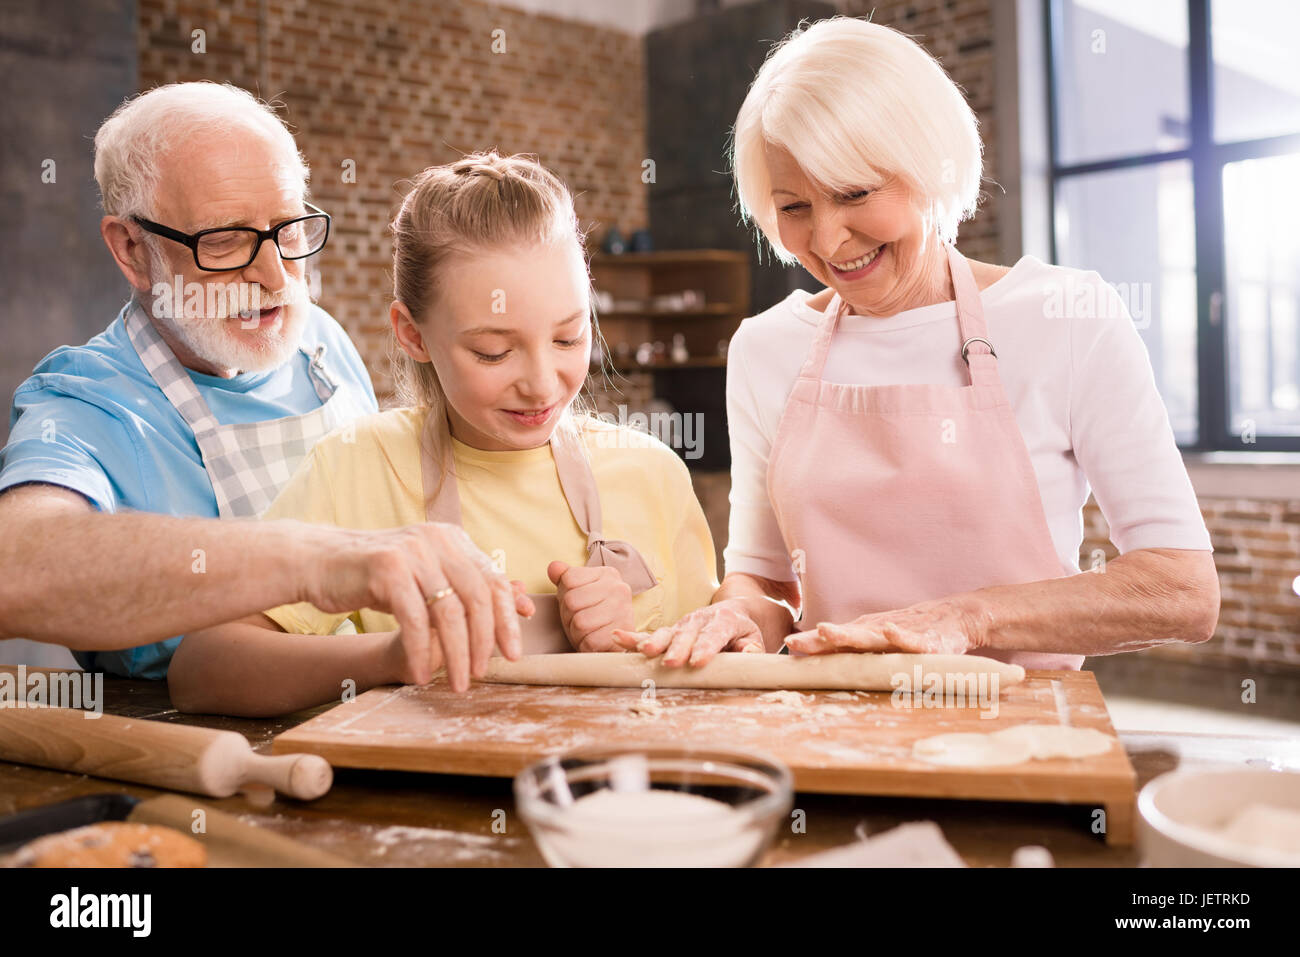 Grand-mère, grand-père et petite-fille de pétrissage et cuisson de la pâte pour les cookies Photo Stock